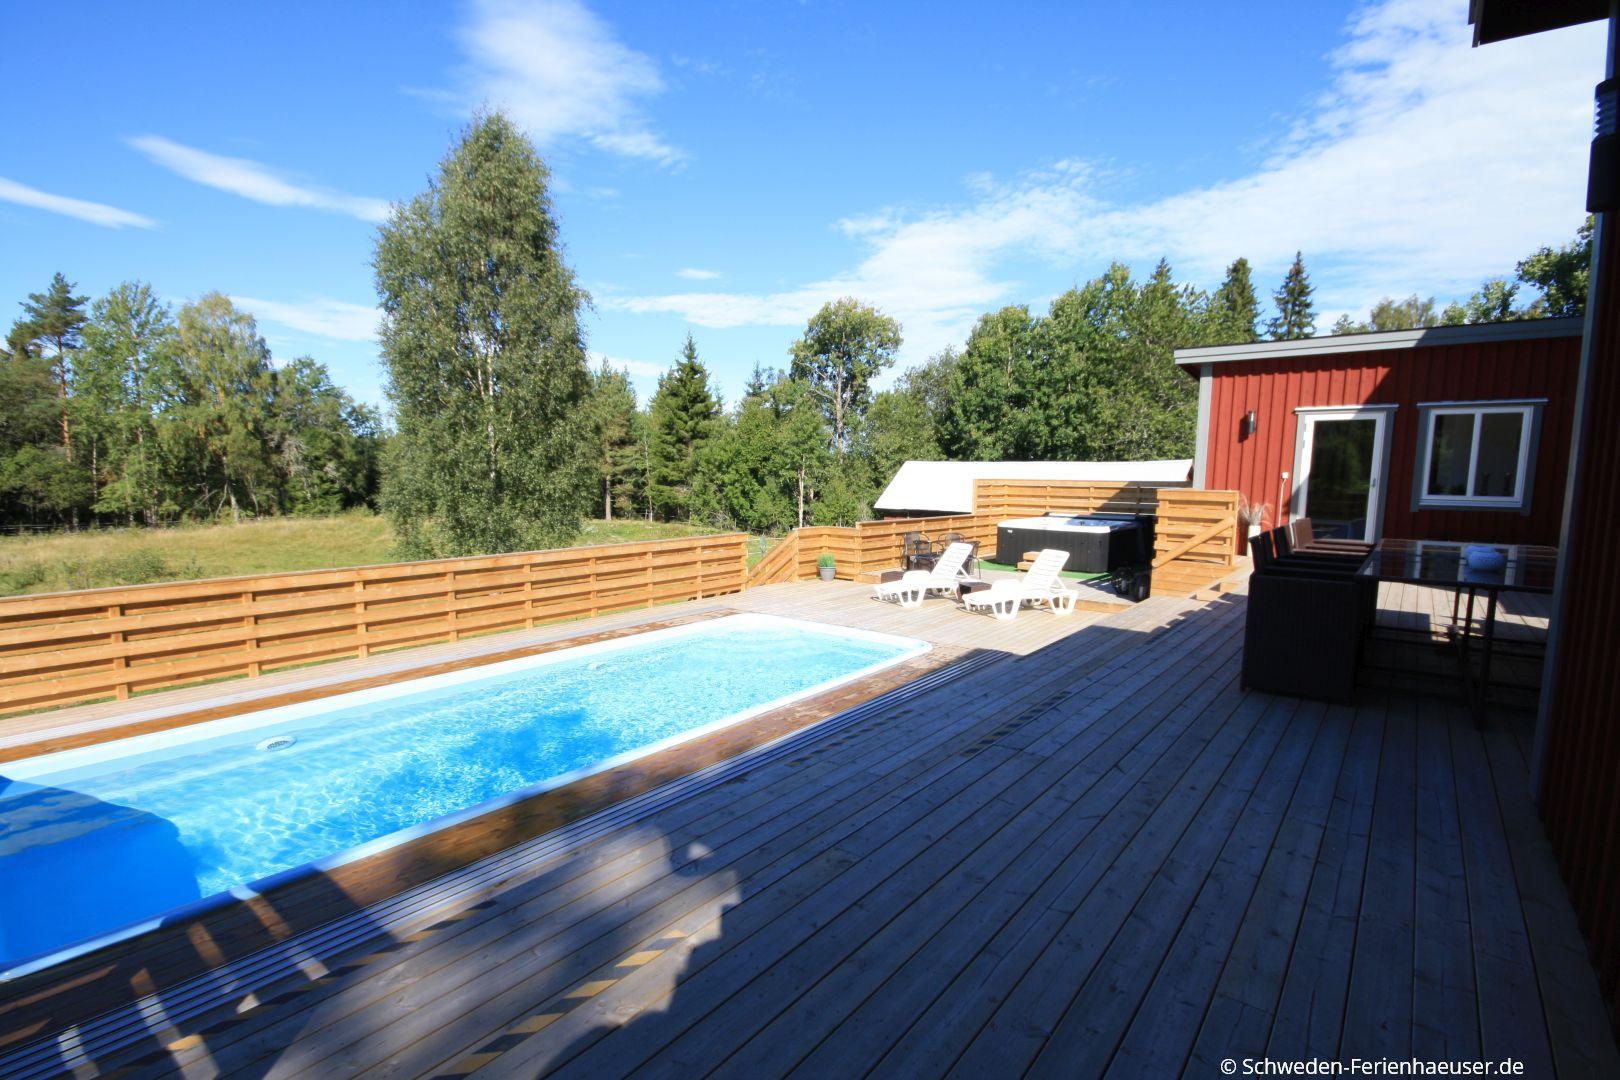 Ferienhaus str ms schweden v sterg tland j nk ping - Formentera ferienhaus mit pool ...